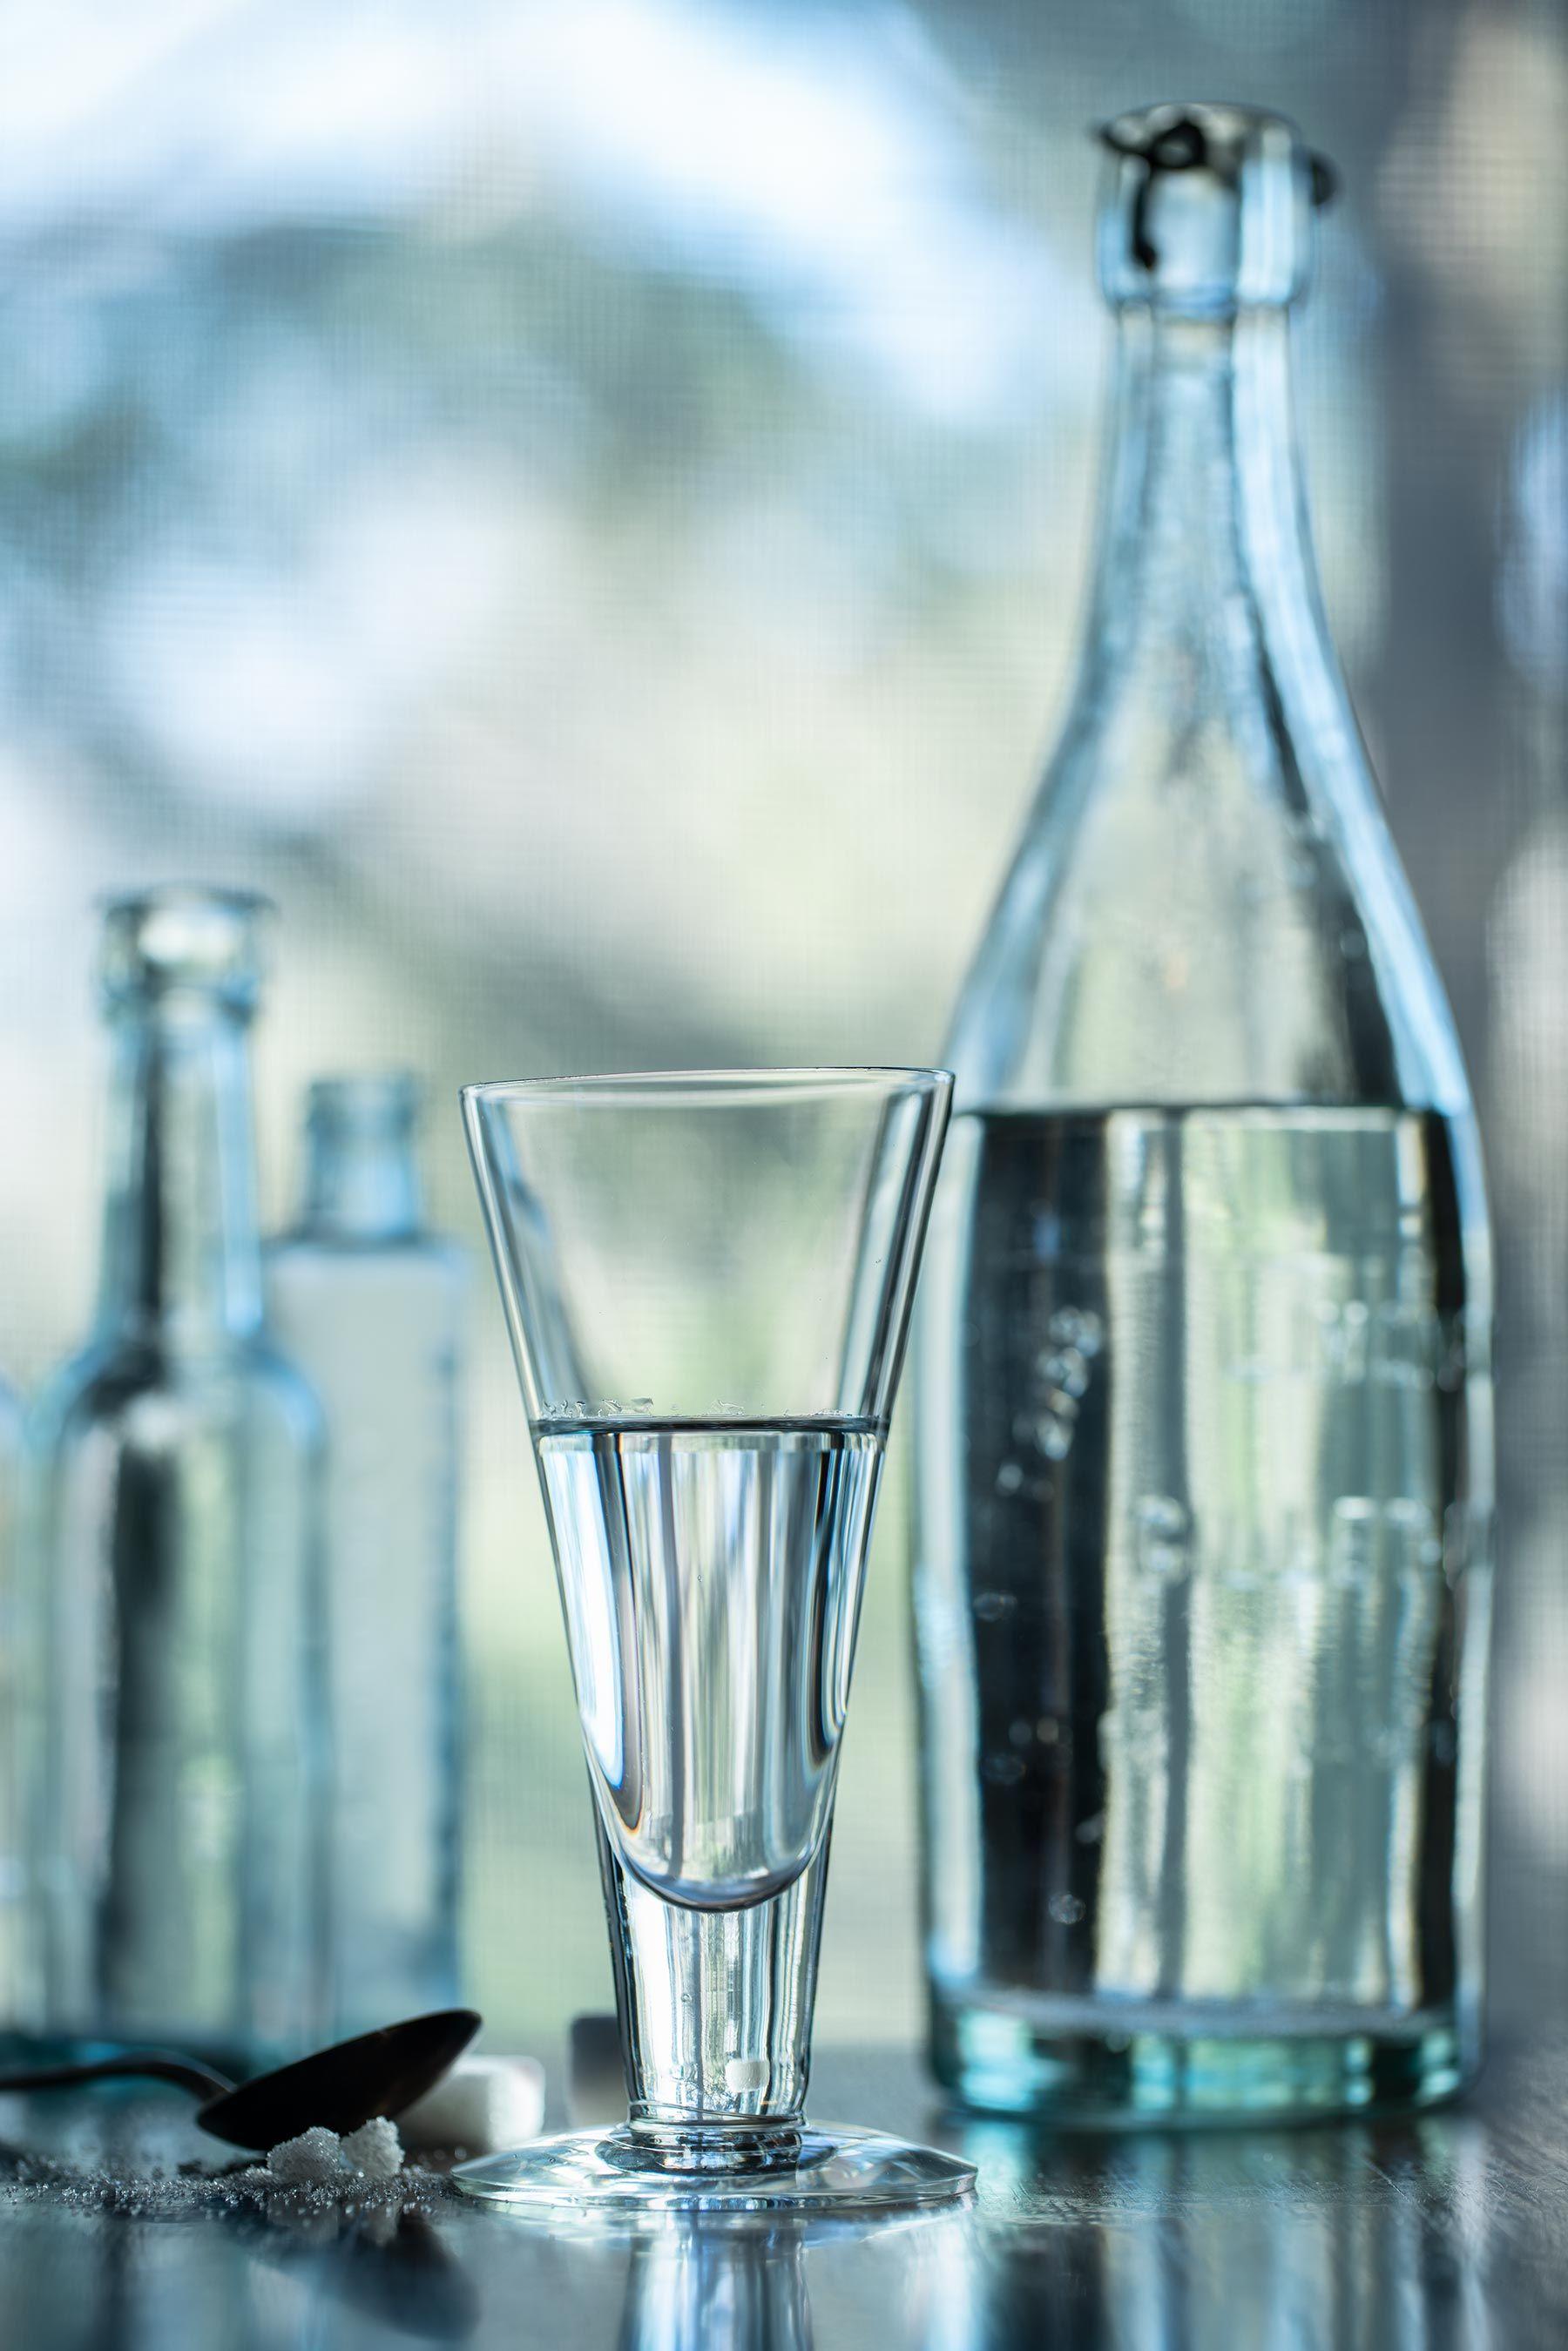 Vodkaglassbottle.jpg